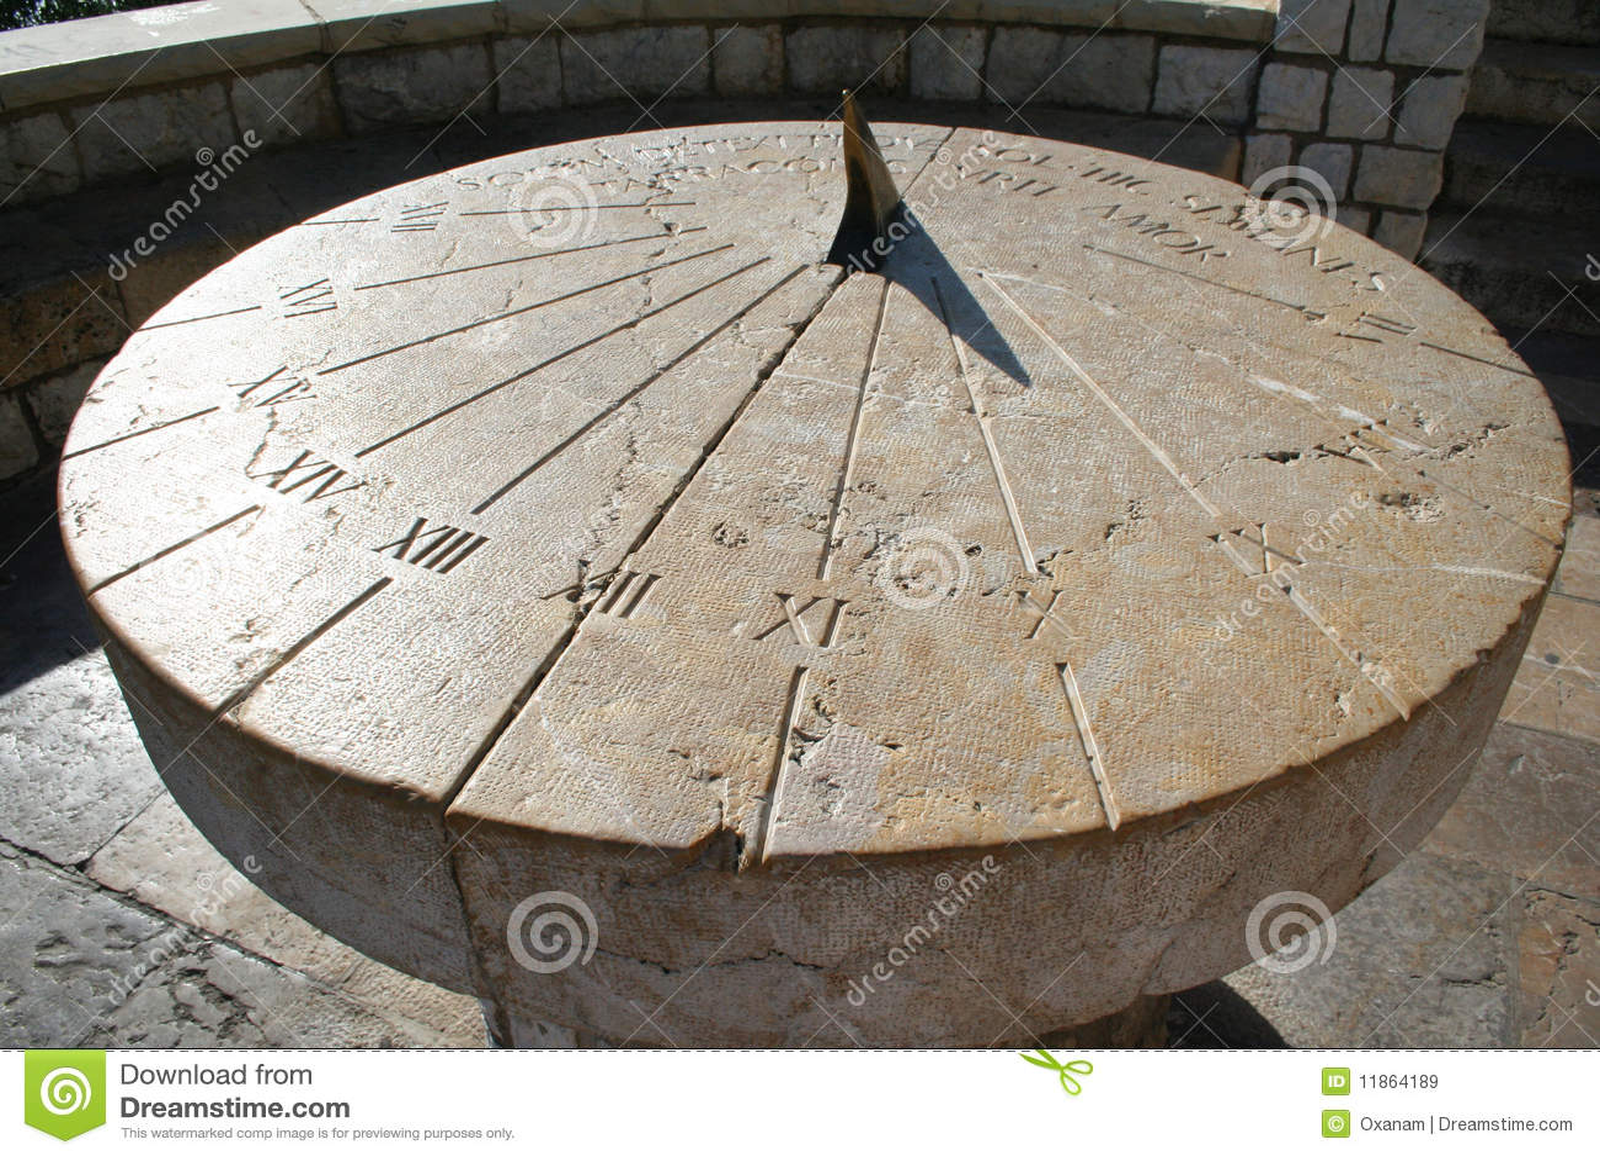 Солнечные часы своими руками фото 13